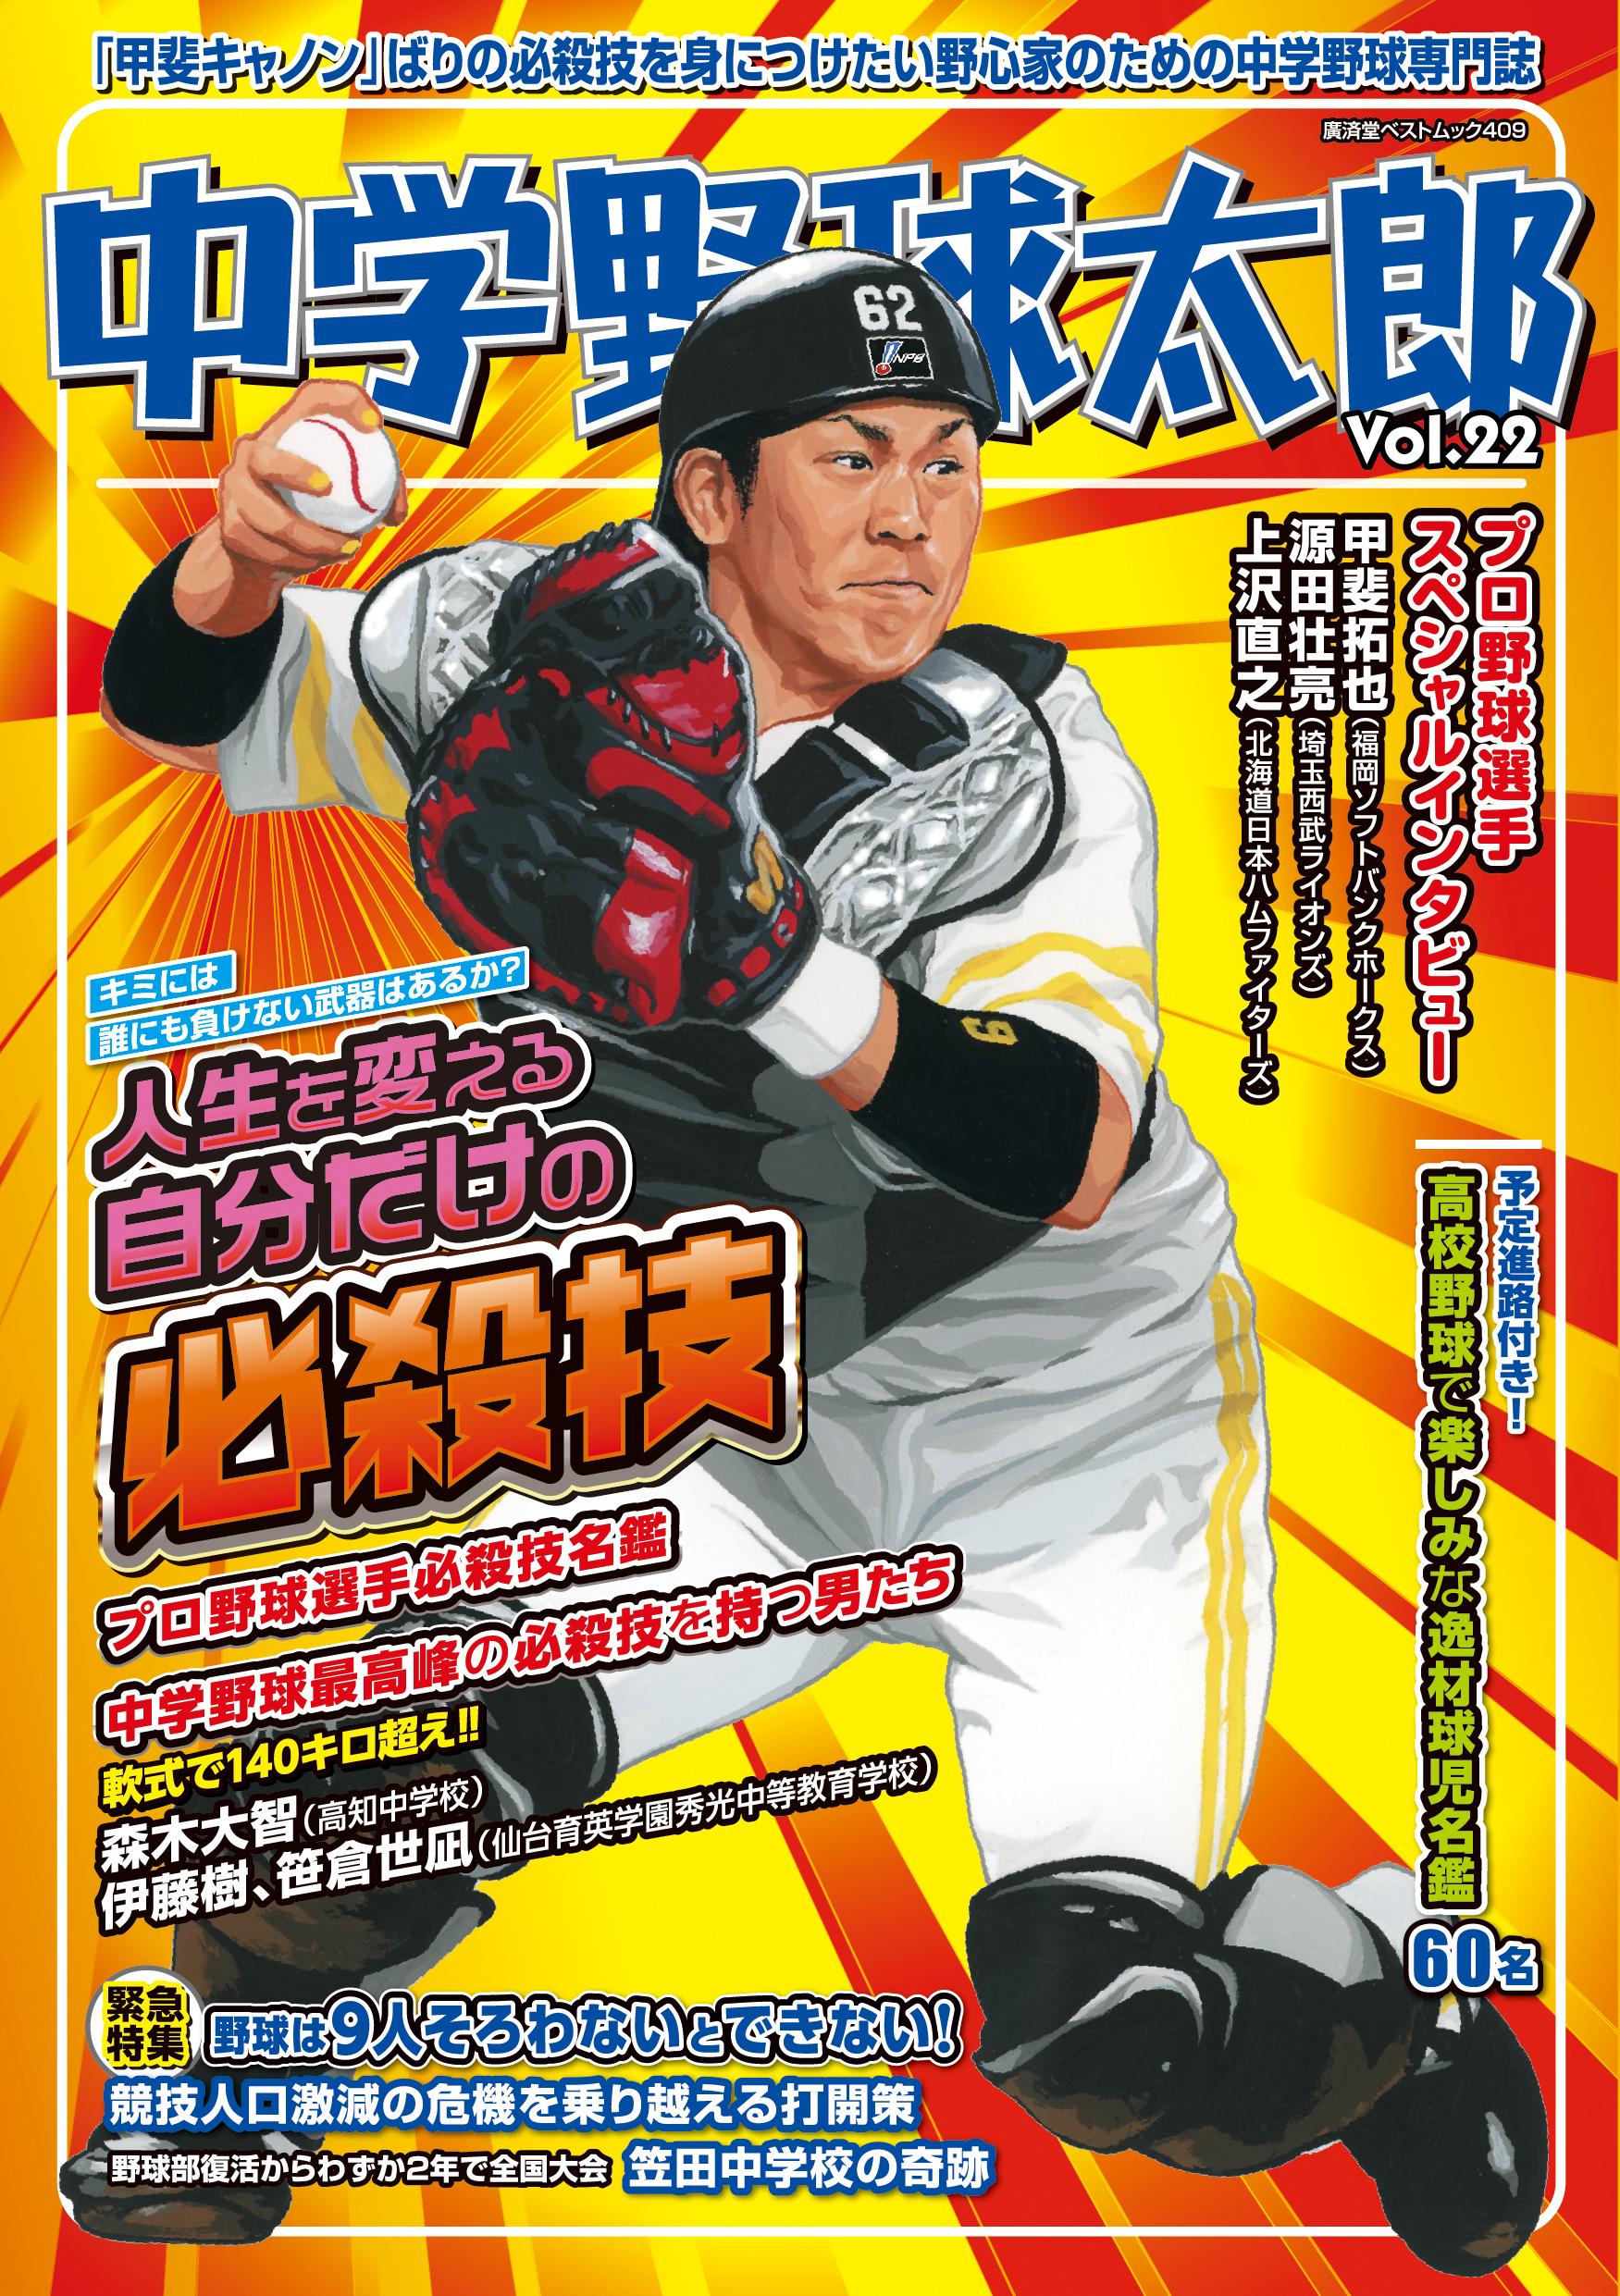 『中学野球太郎Vol.22 人生を変える自分だけの必殺技&野球は9人そろわないとできない』発売中!&web立ち読みもできます!